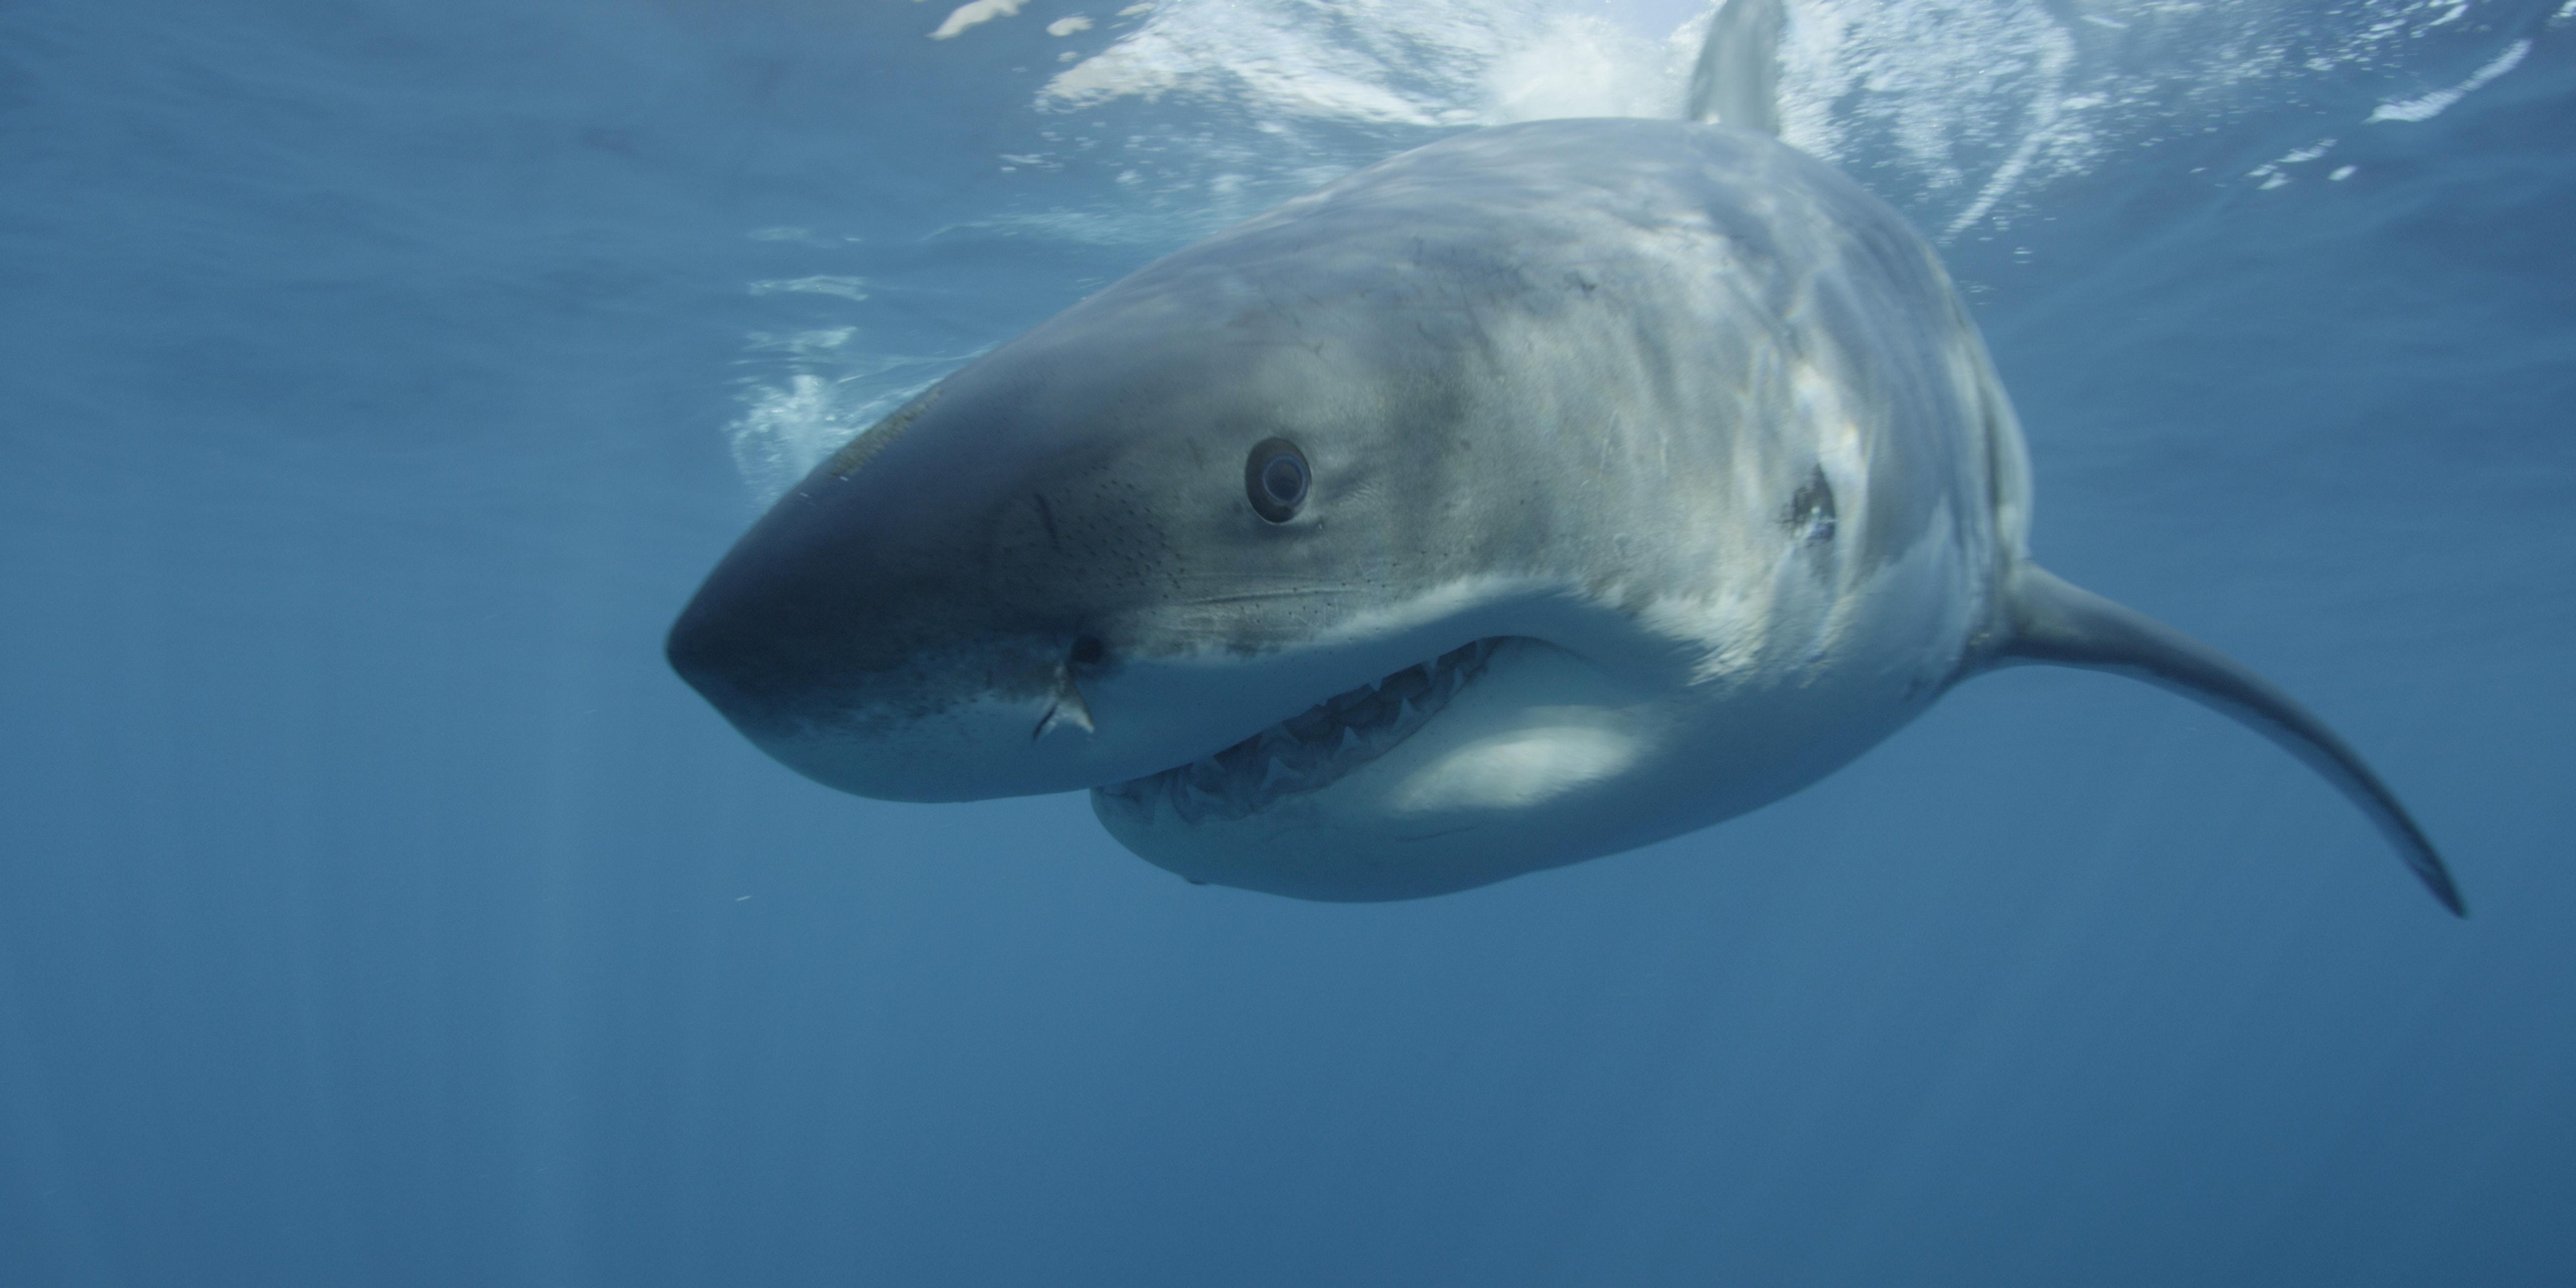 Megalodon Shark Sightings